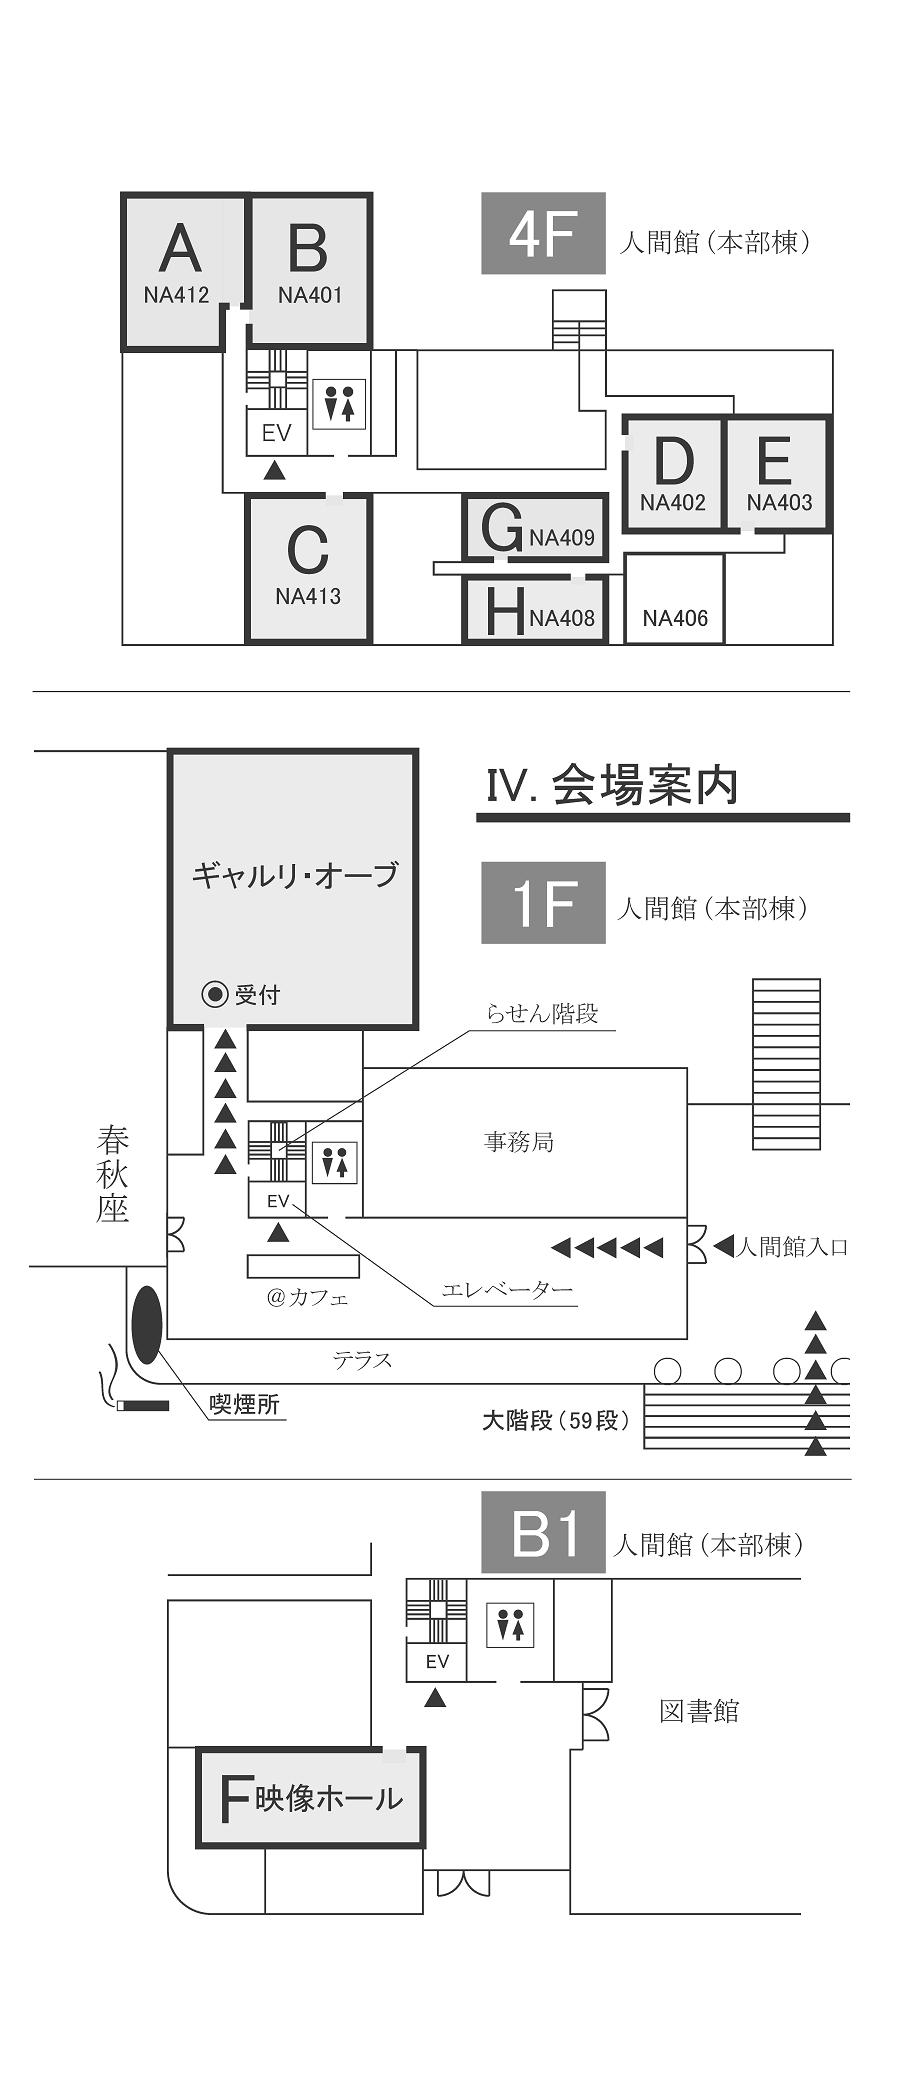 日本映像学会第41回大会第3通信3/3画像